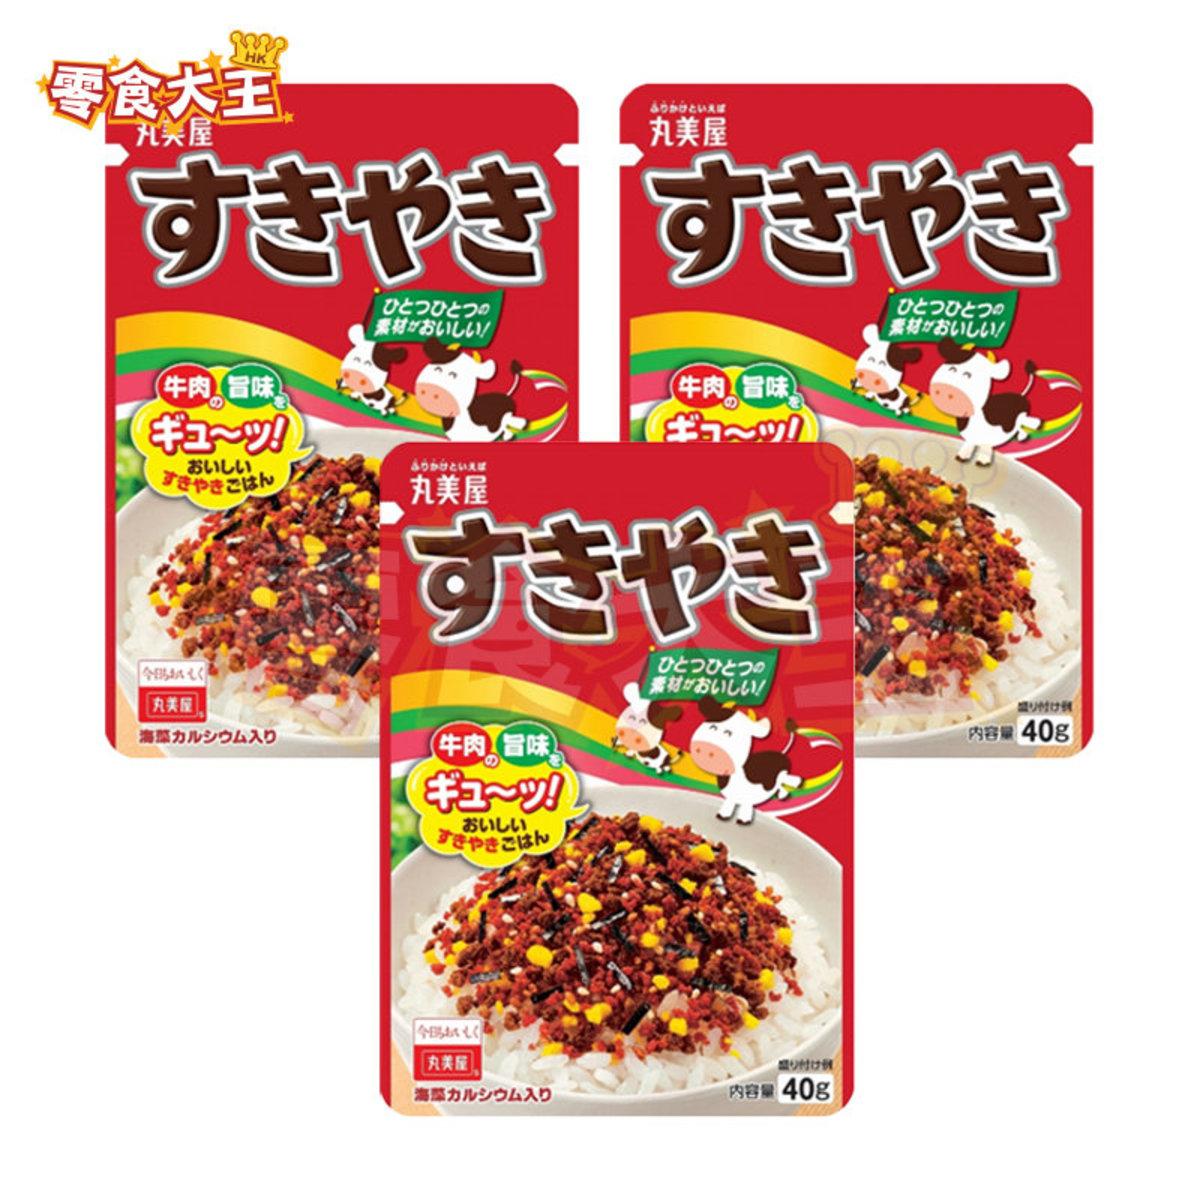 壽喜燒飯素 40g x 3包 (4902820102116_3)